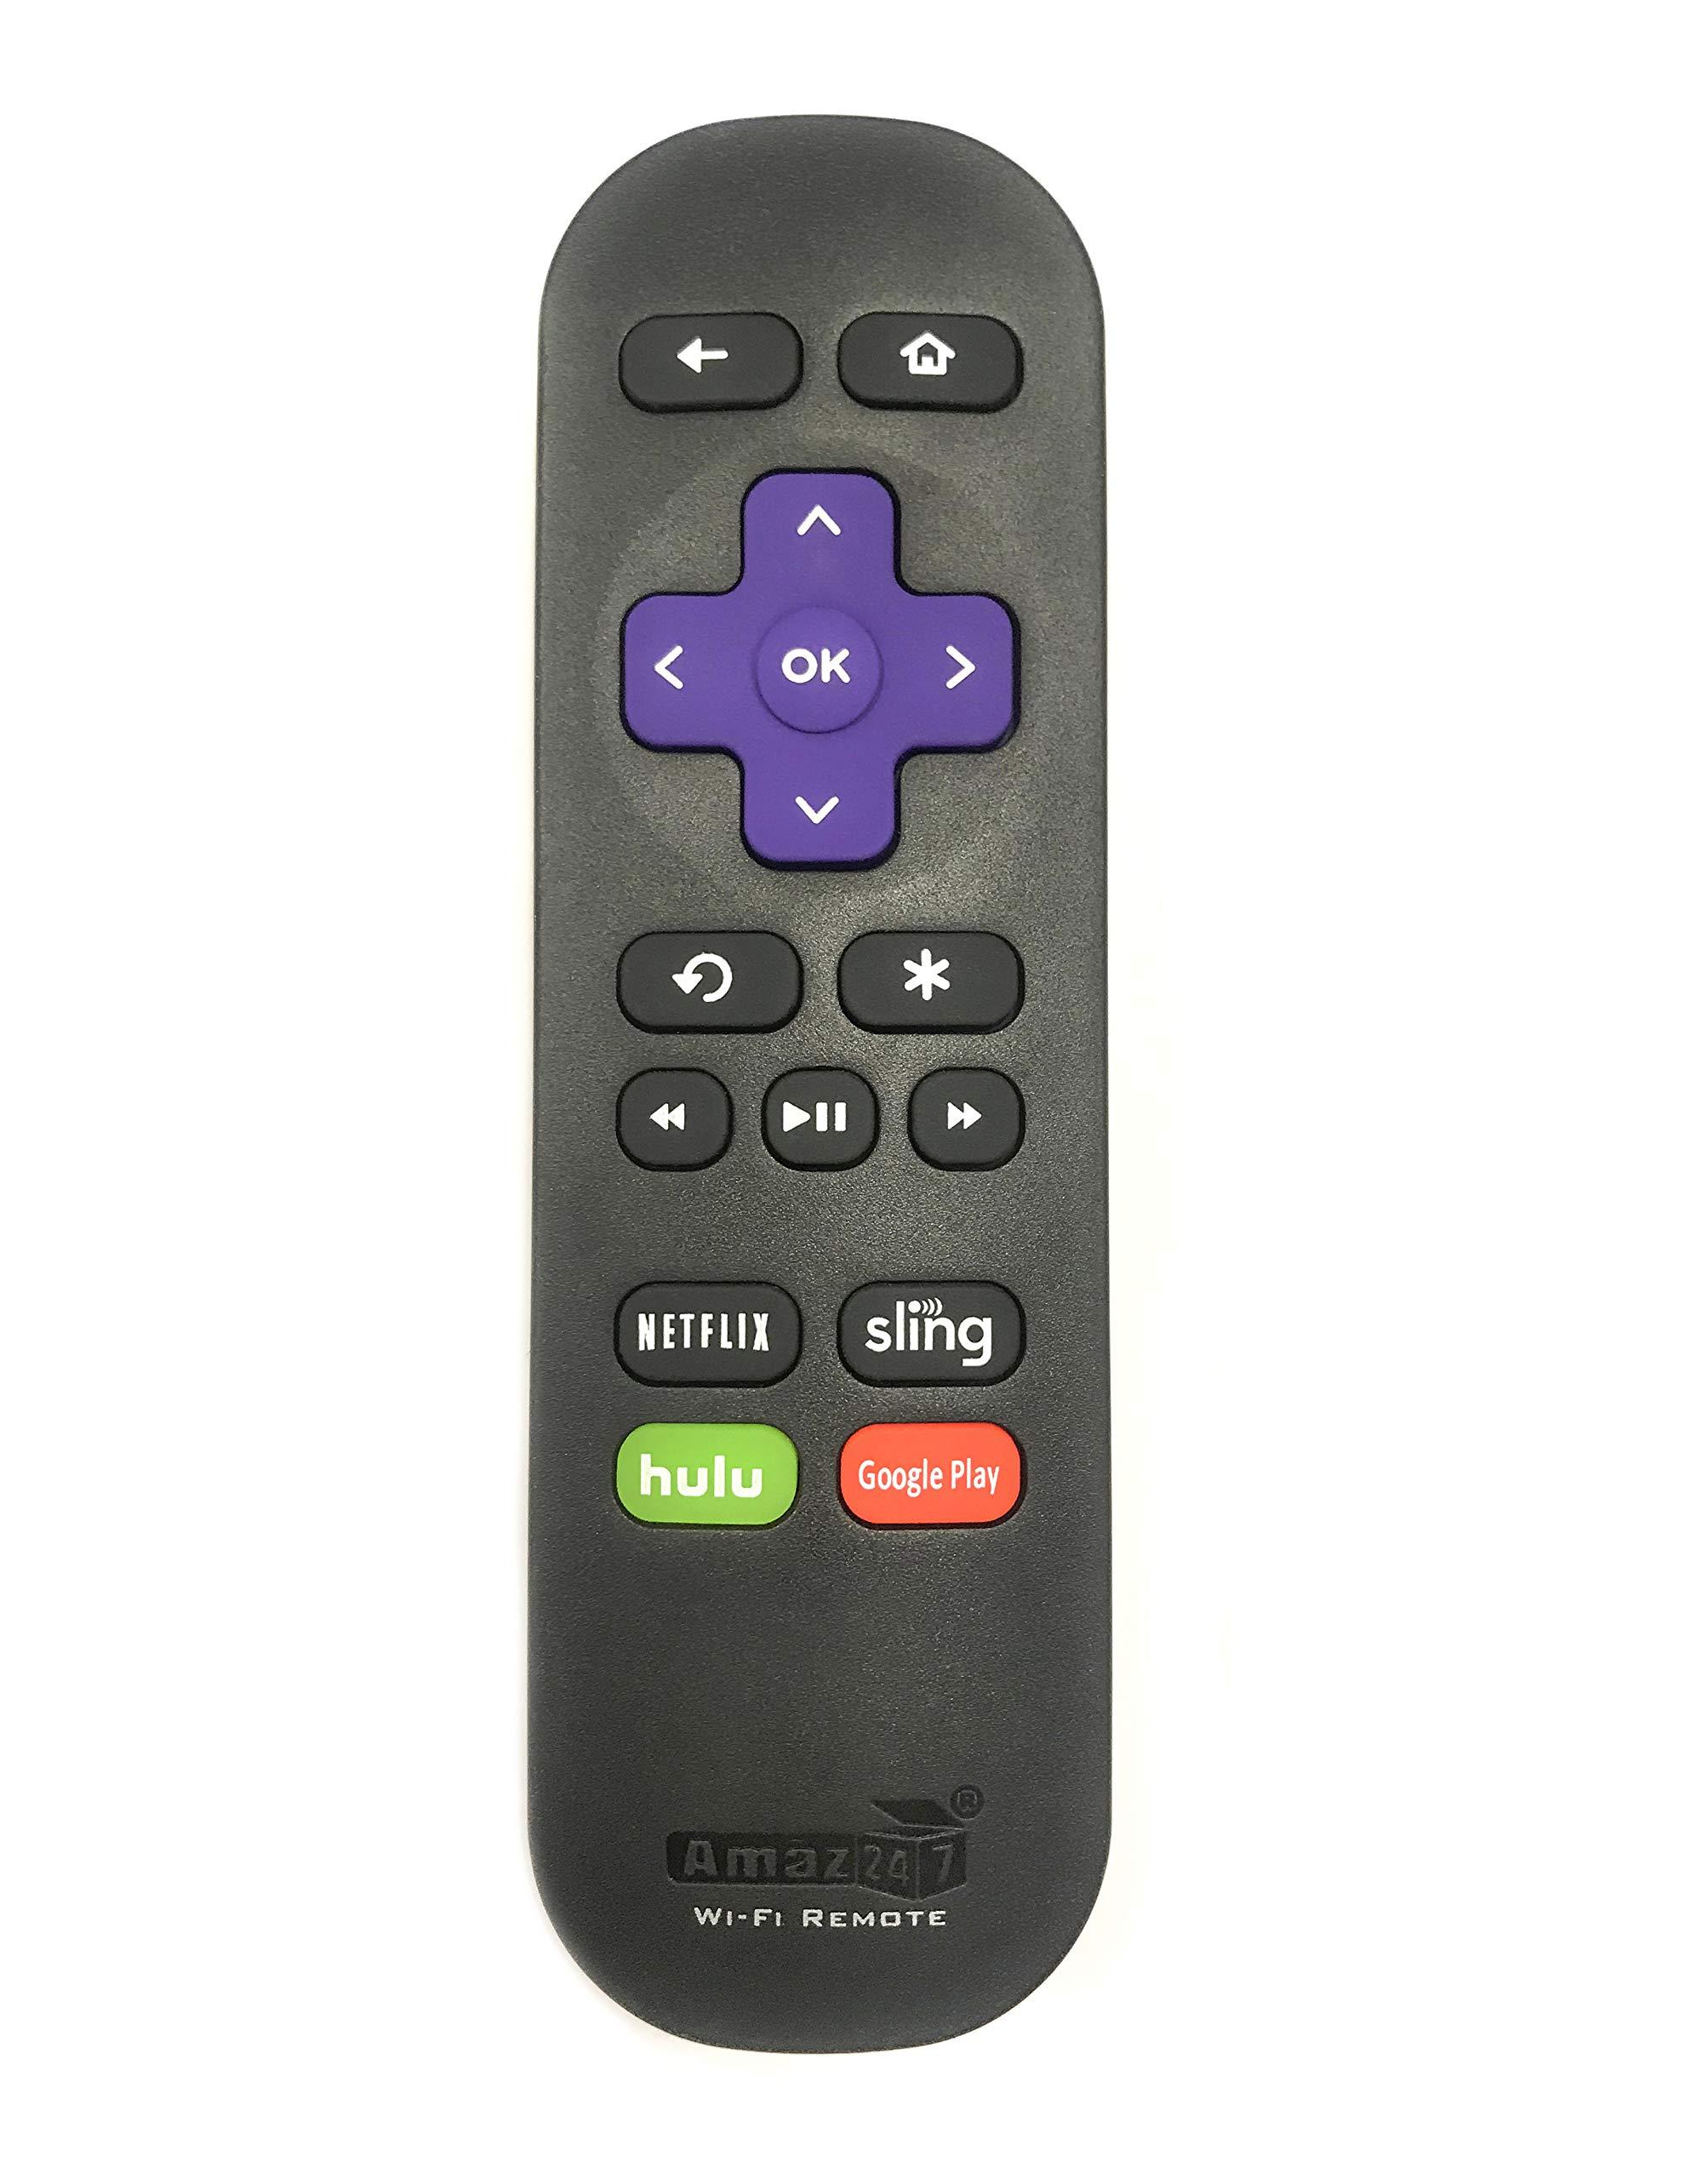 Amaz247 Wi-Fi Remote for Roku Streaming Stick (3500r, 3500rw, 3600, 3800, 3810), Roku 3 (4200r), Roku 2 (2720r),Roku Ultra, Roku Premiere, Roku Express (3900X), Roku Express+ by AMAZ247